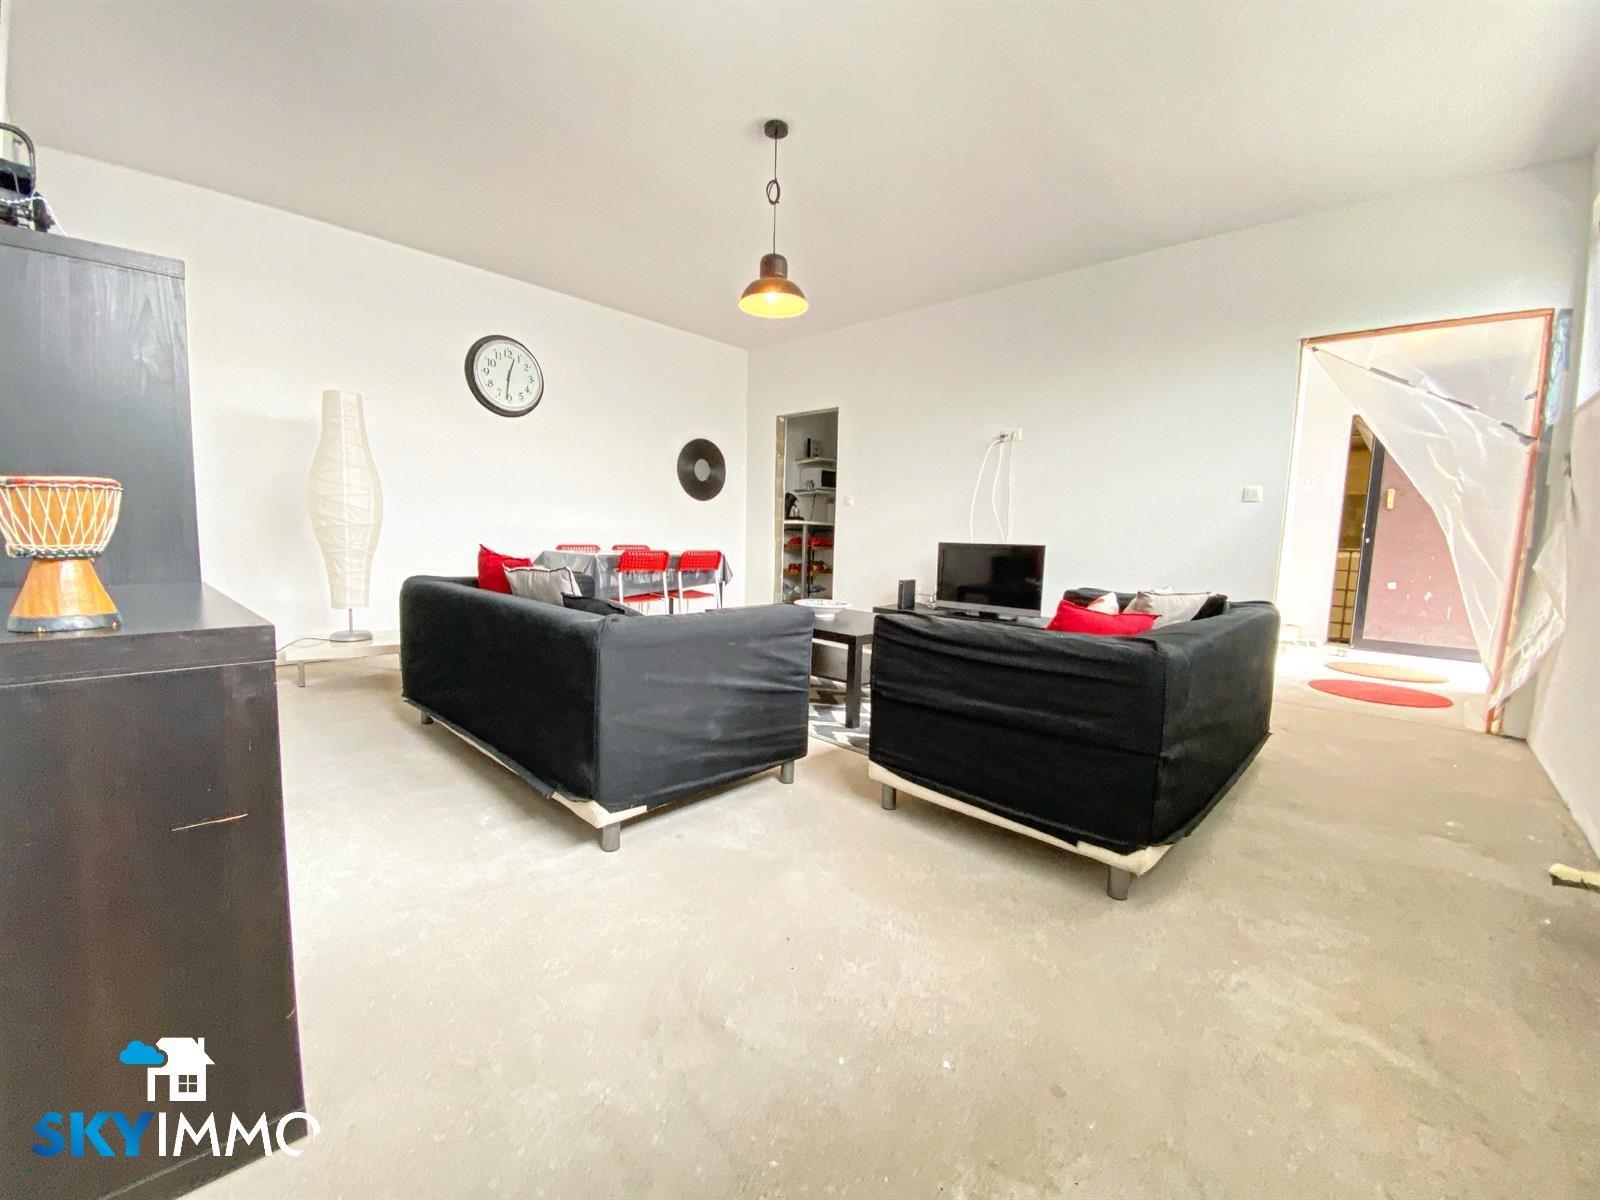 Maison unifamiliale - Saint-Nicolas Montegnée - #4363207-23